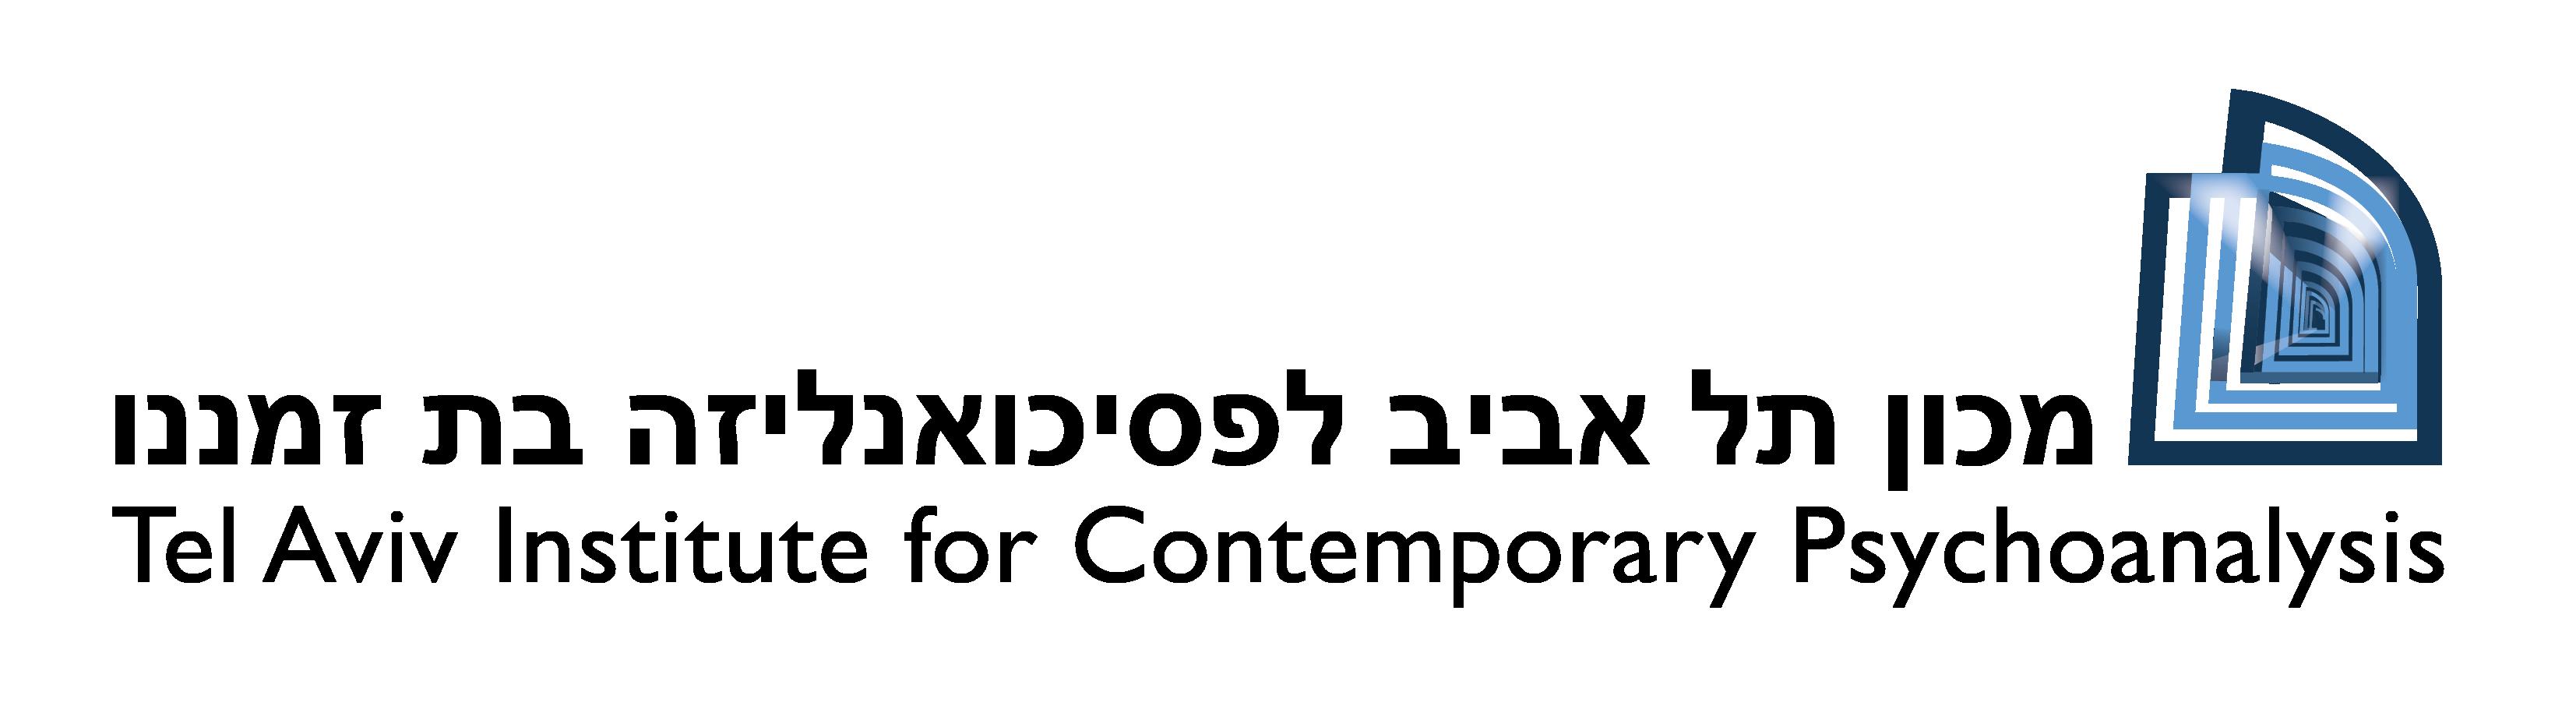 לוגו מכון תל אביב לפסיכואנליזה